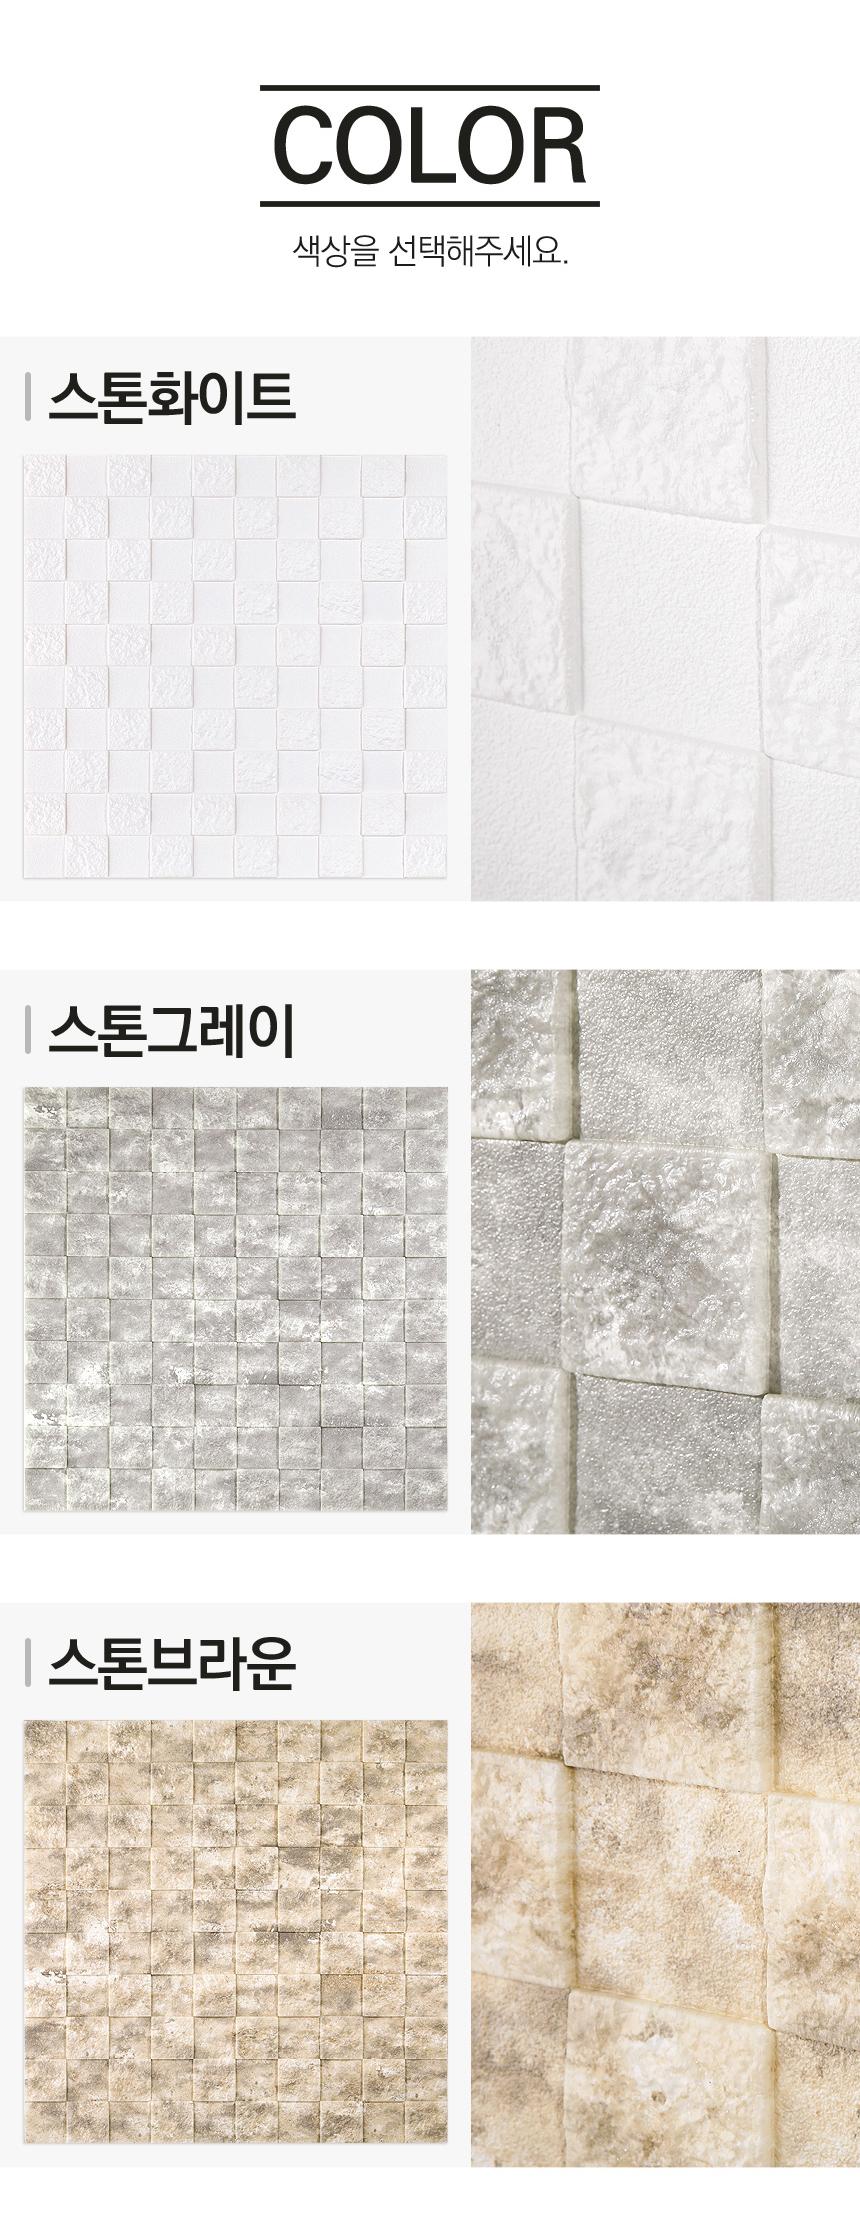 네이쳐 샌드 폼블럭 인테리어 단열벽지 - 더홈, 7,900원, 벽지/시트지, 단열벽지